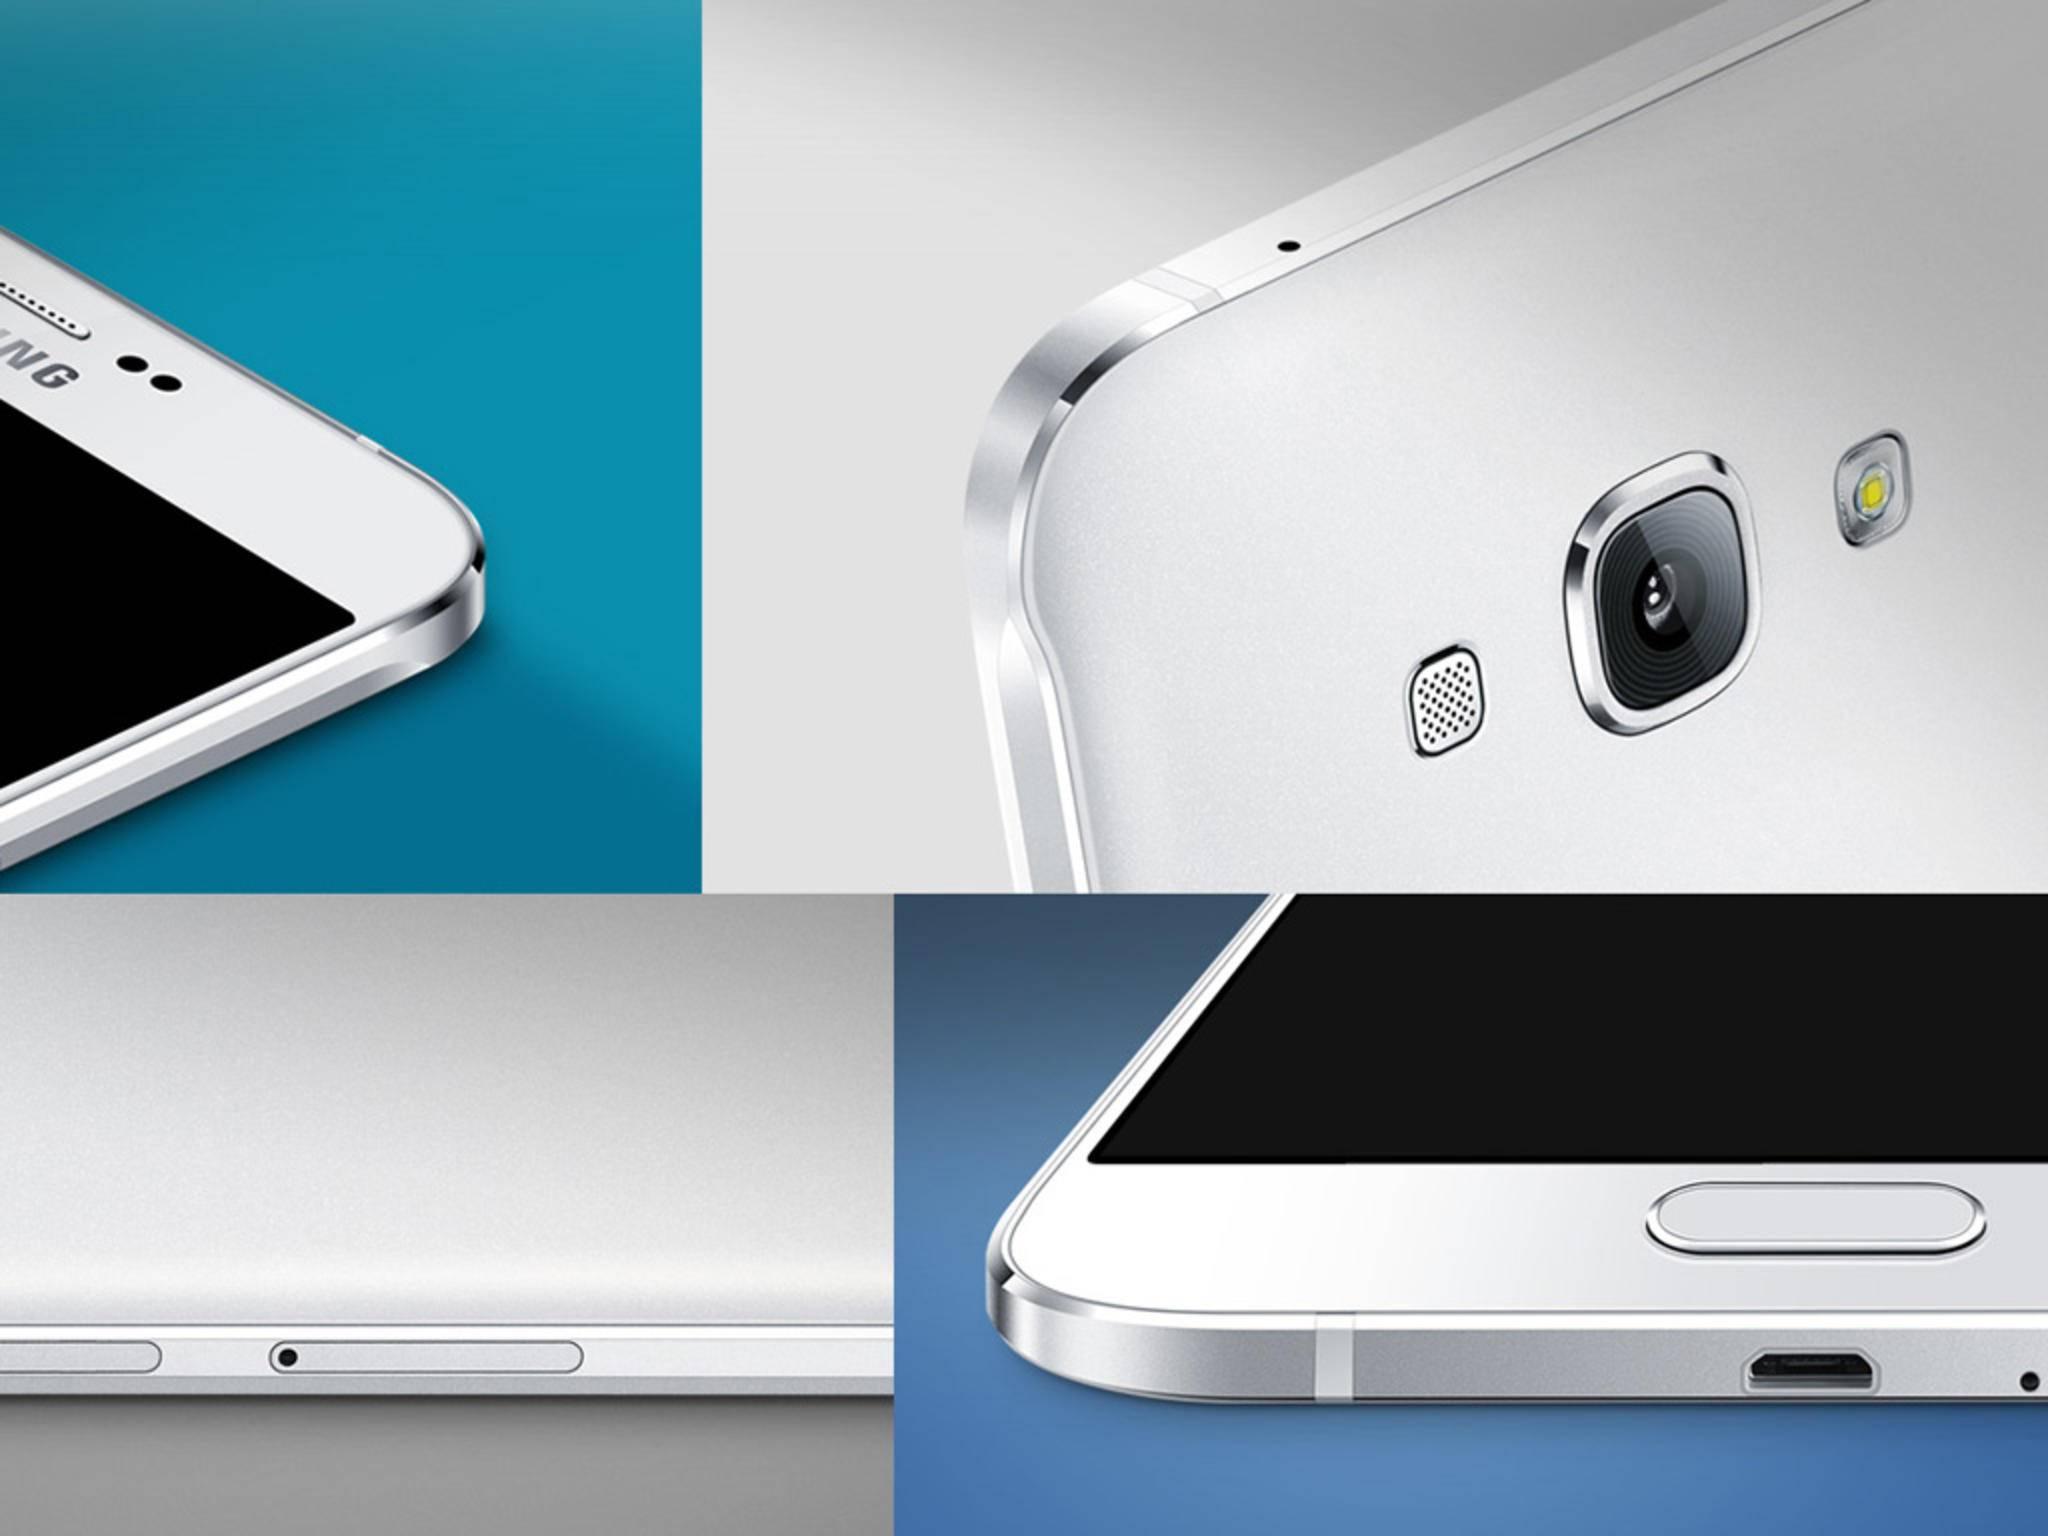 Das Galaxy A8 hat ein 5,7 Zoll großes SuperAMOLED-Display mit Full-HD-Auflösung.